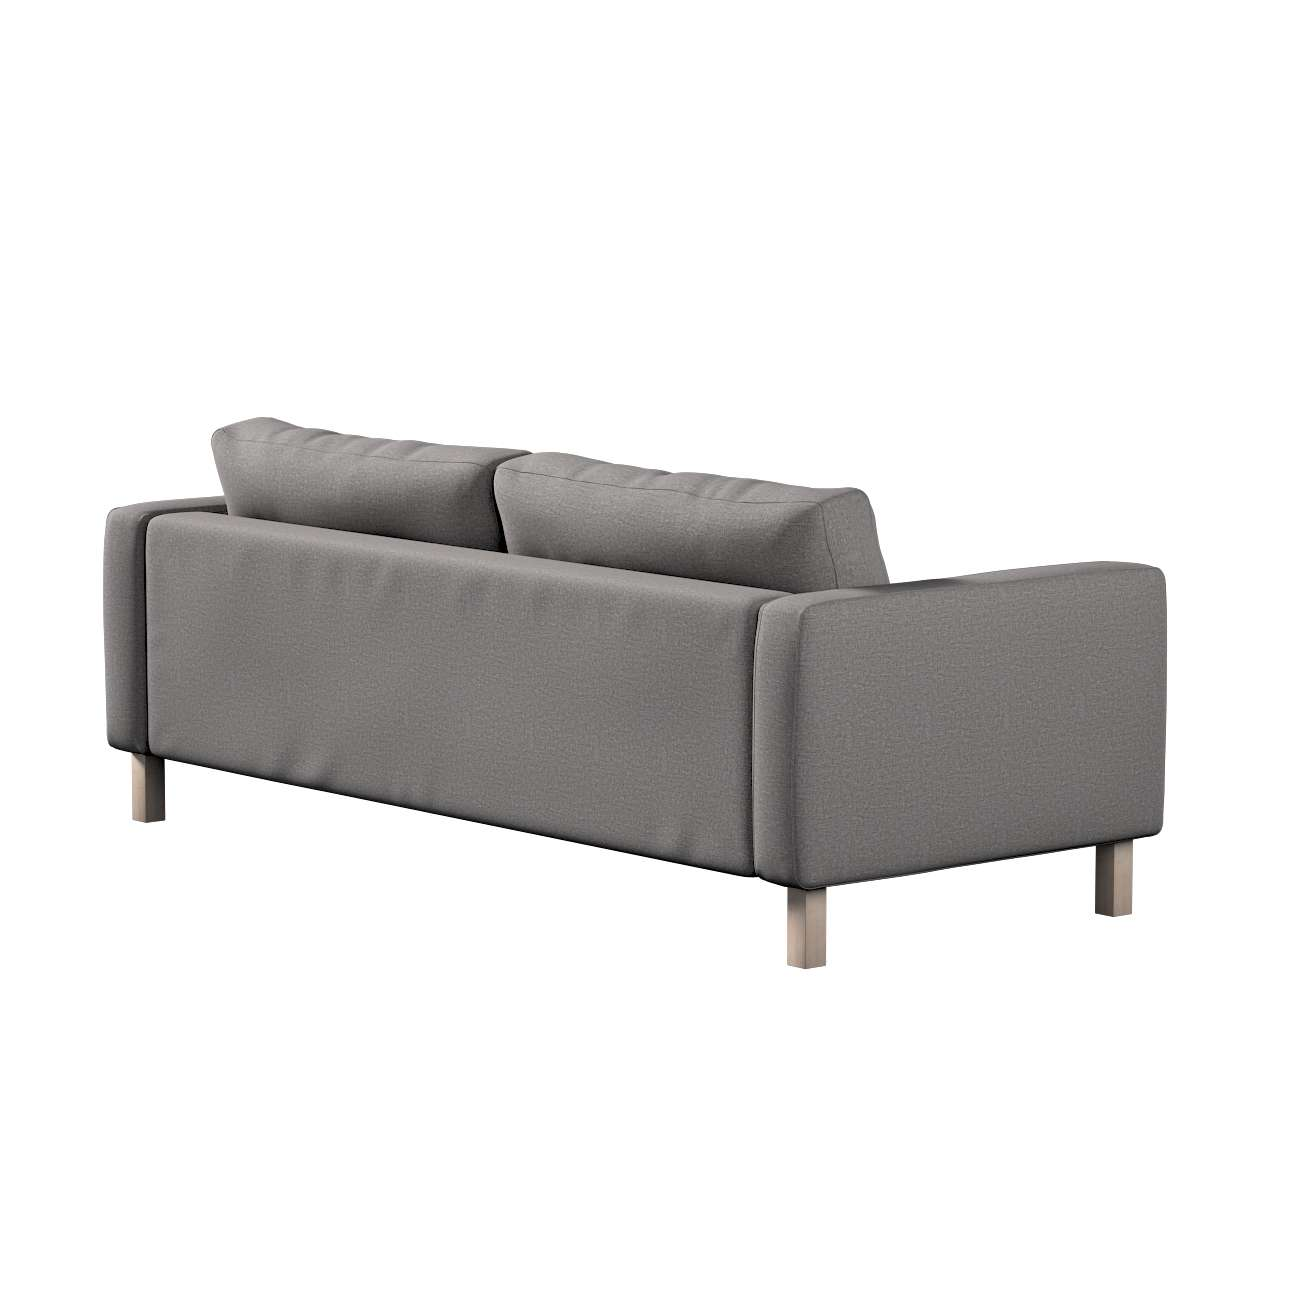 Potah na pohovku IKEA Karlstad, 3-místná, rozkládací v kolekci Edinburgh, látka: 115-81